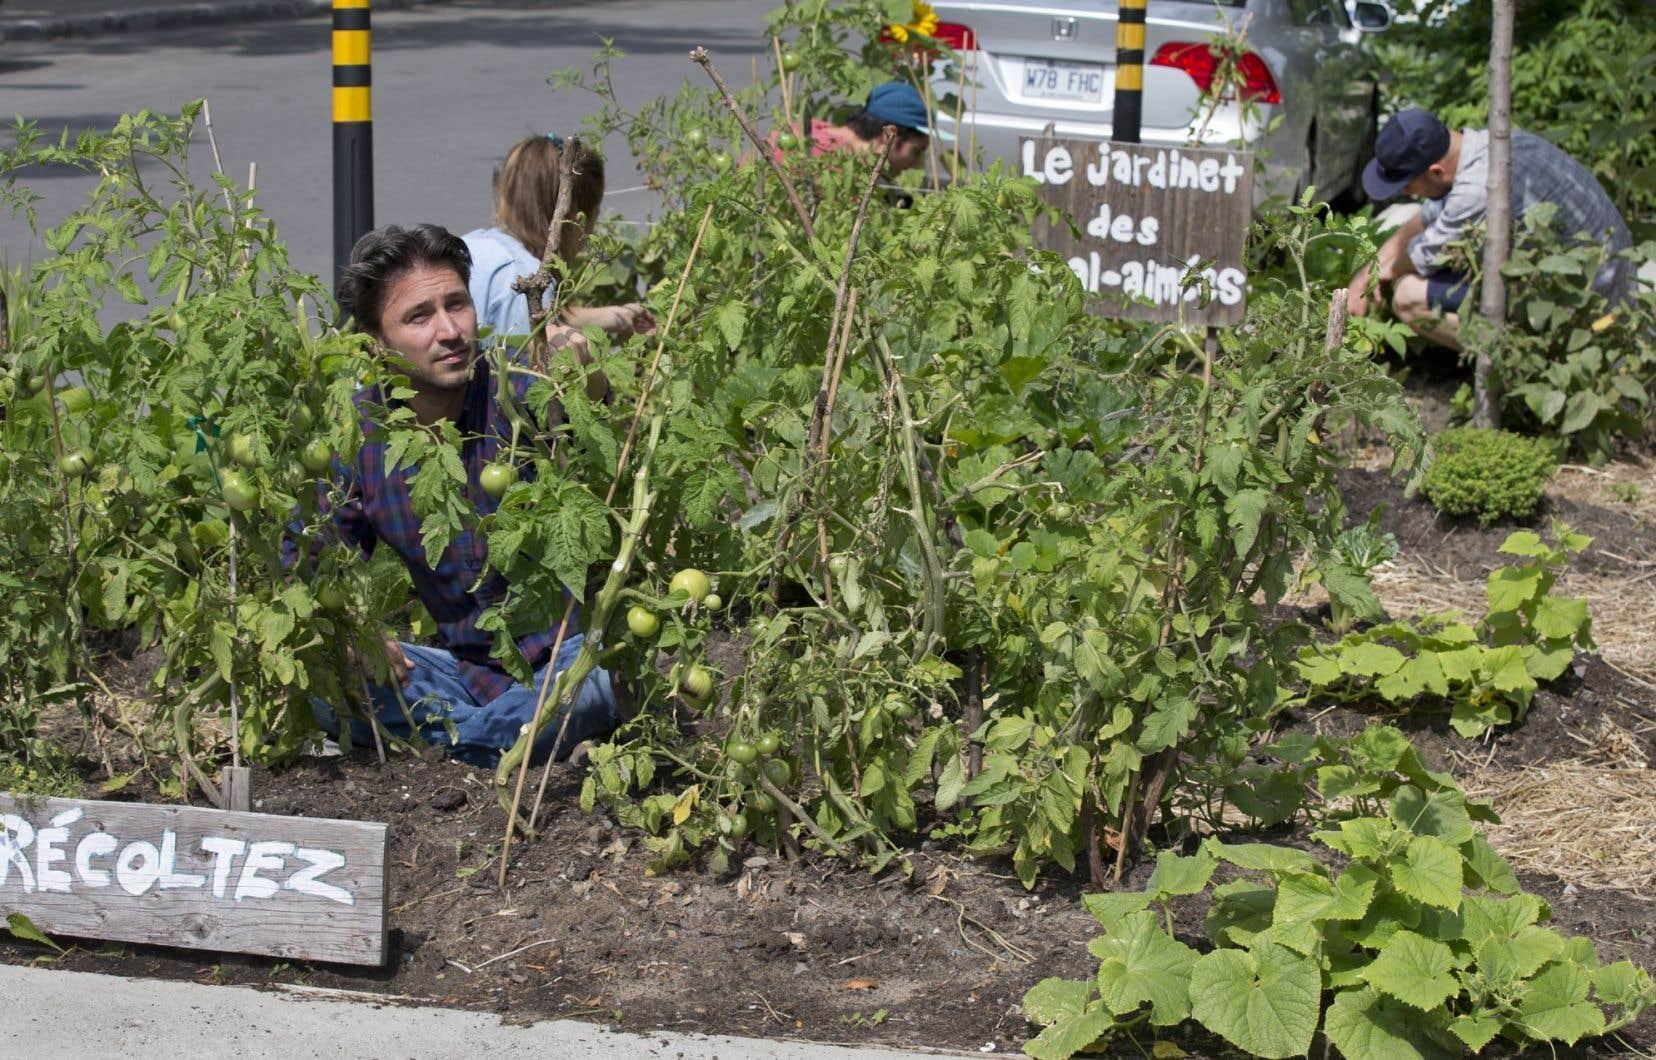 Le jardinage citadin de proximité a des racines à Montréal, comme ici, angle Beaubien et Drolet.